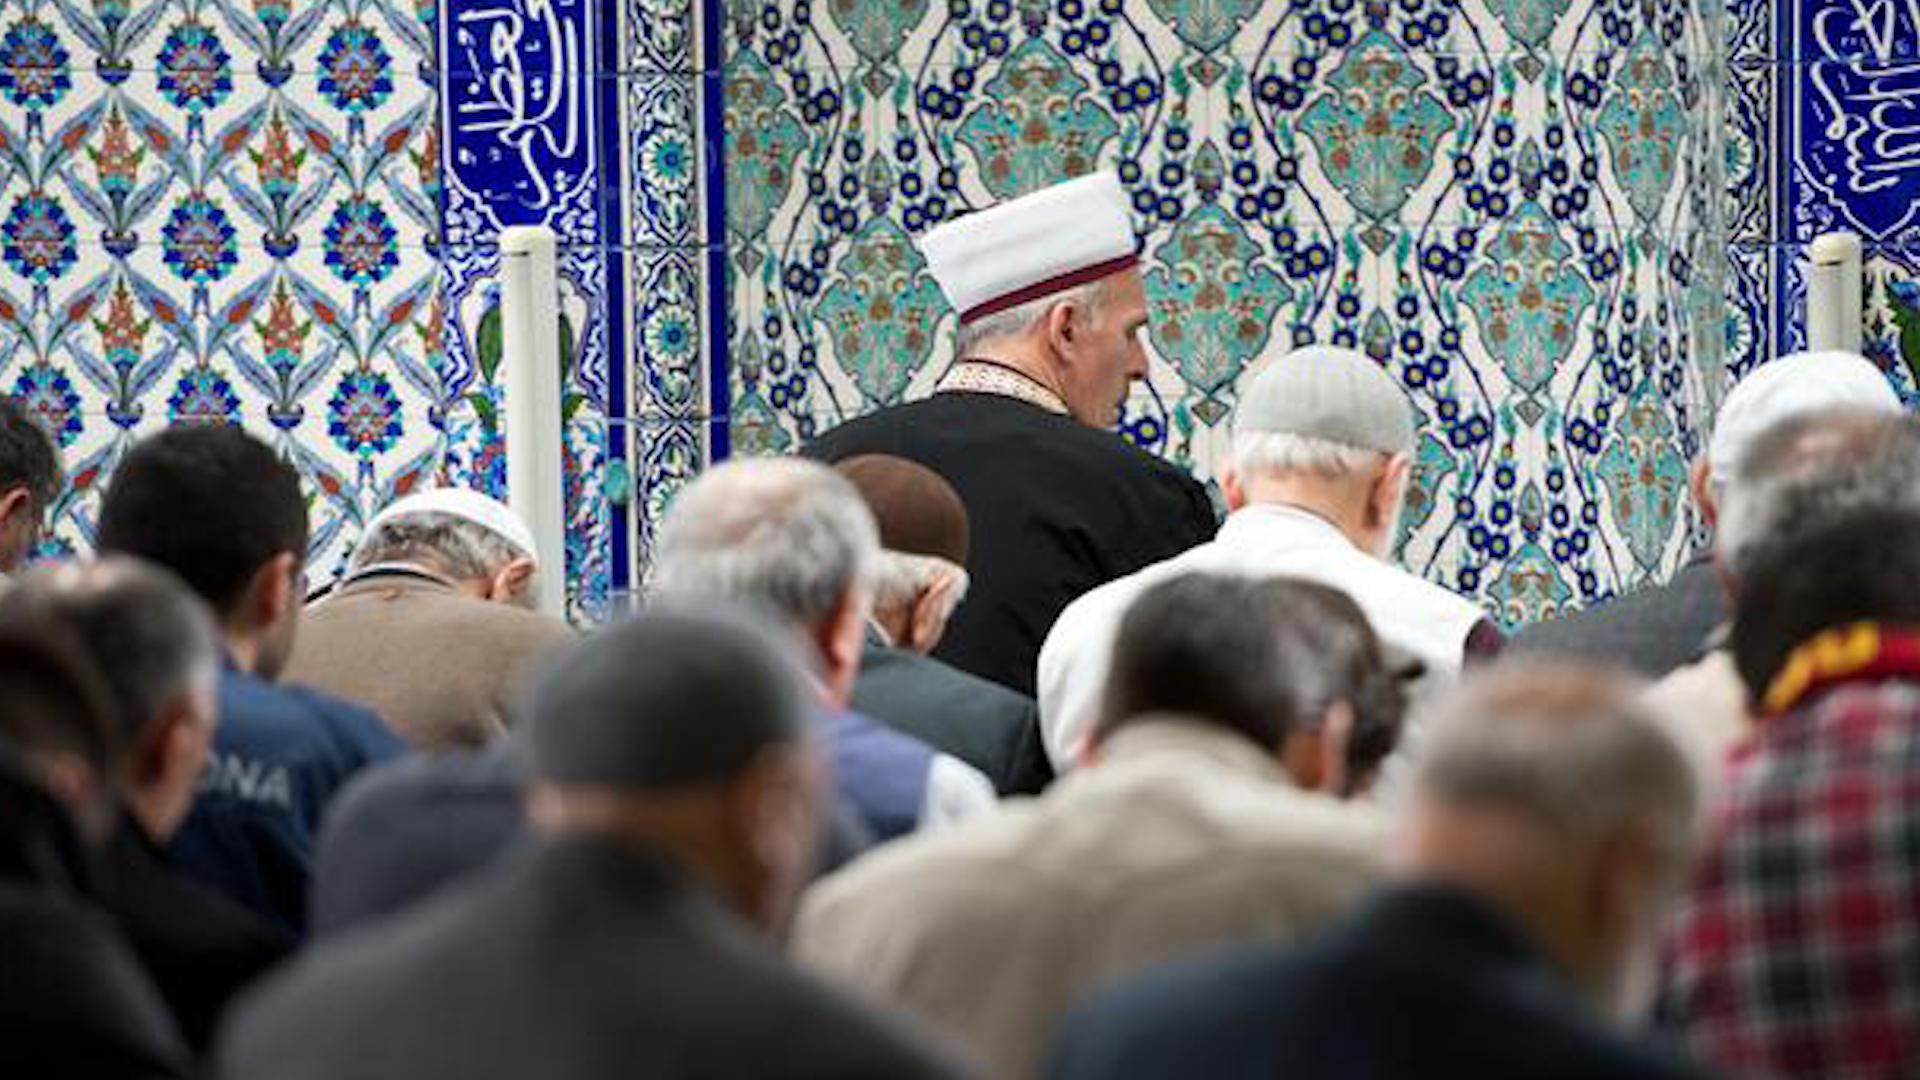 Bekämpfung des Extremismus in Deutschland Imam-Ausbildung für Eindämmung der äußeren Einflüsse